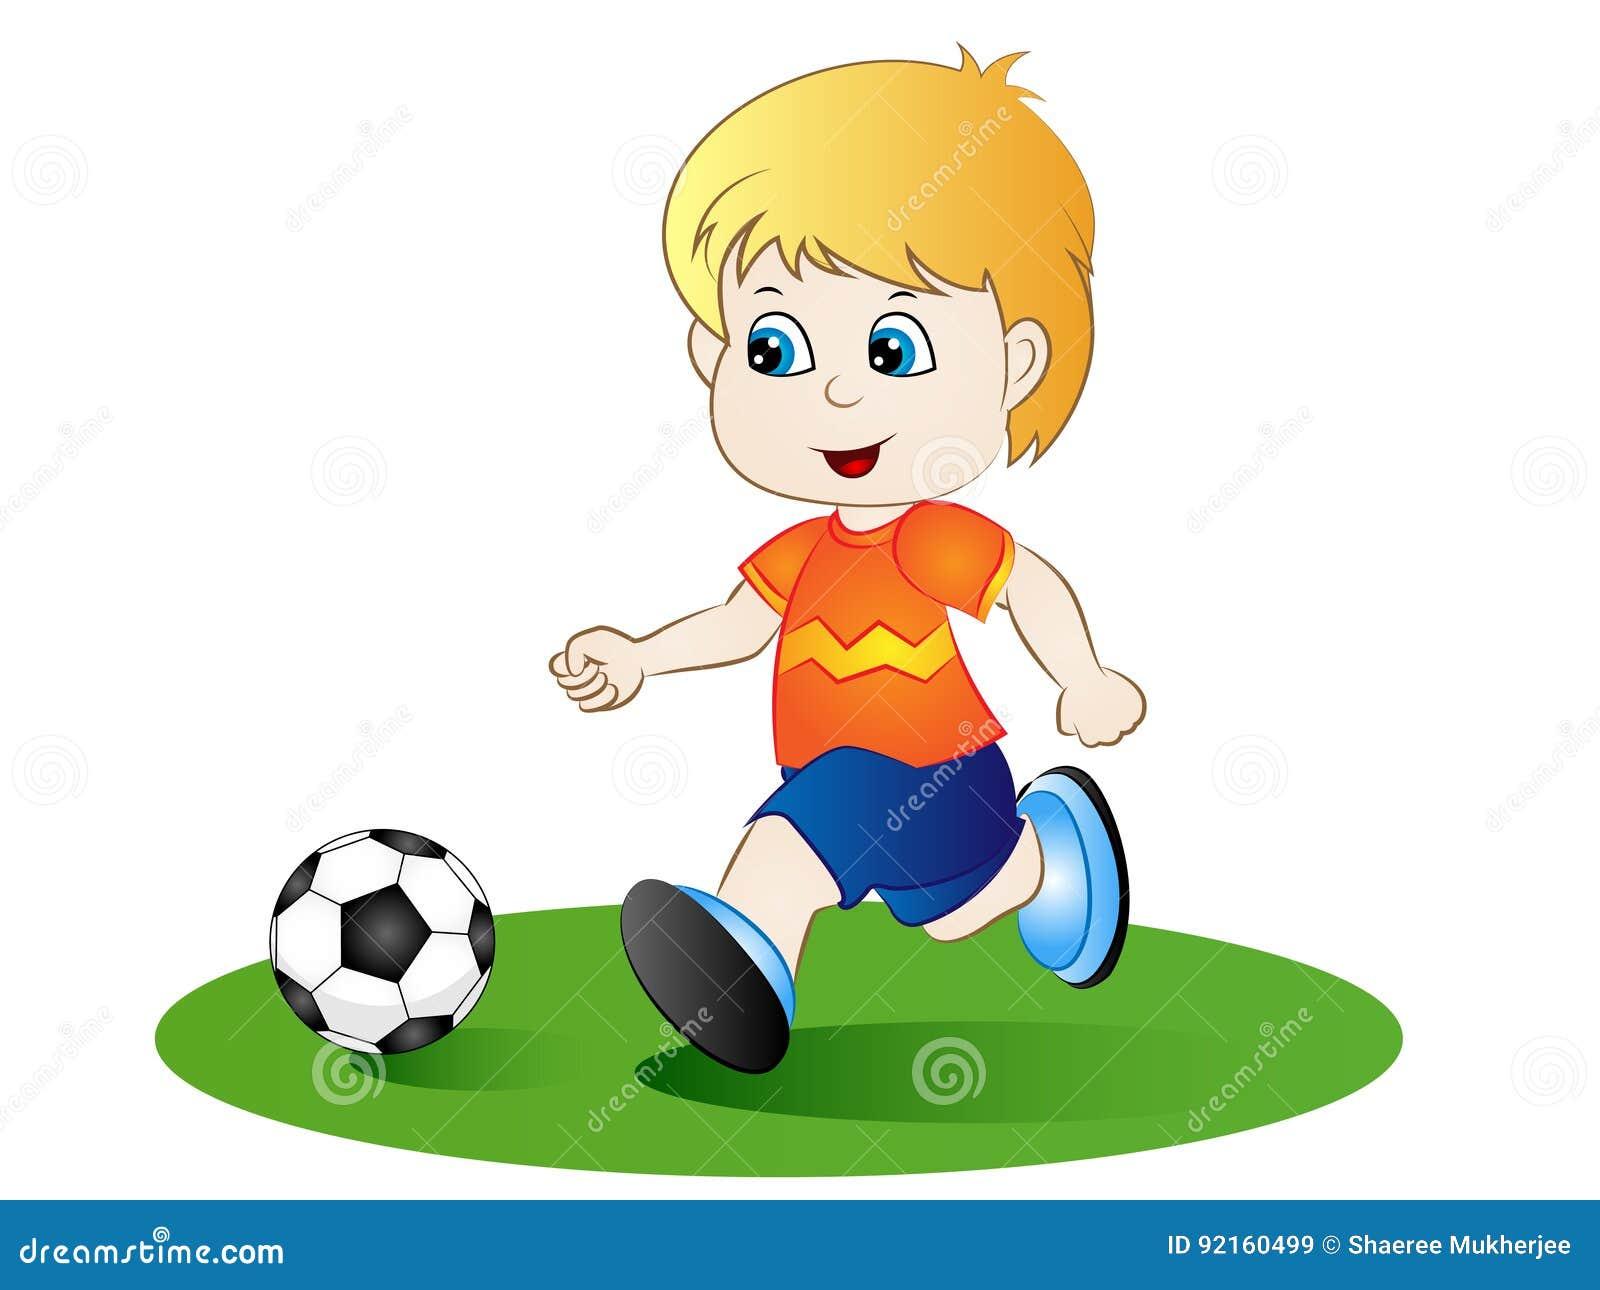 Karikatur Junge Der Fussball Spielt Vektor Abbildung